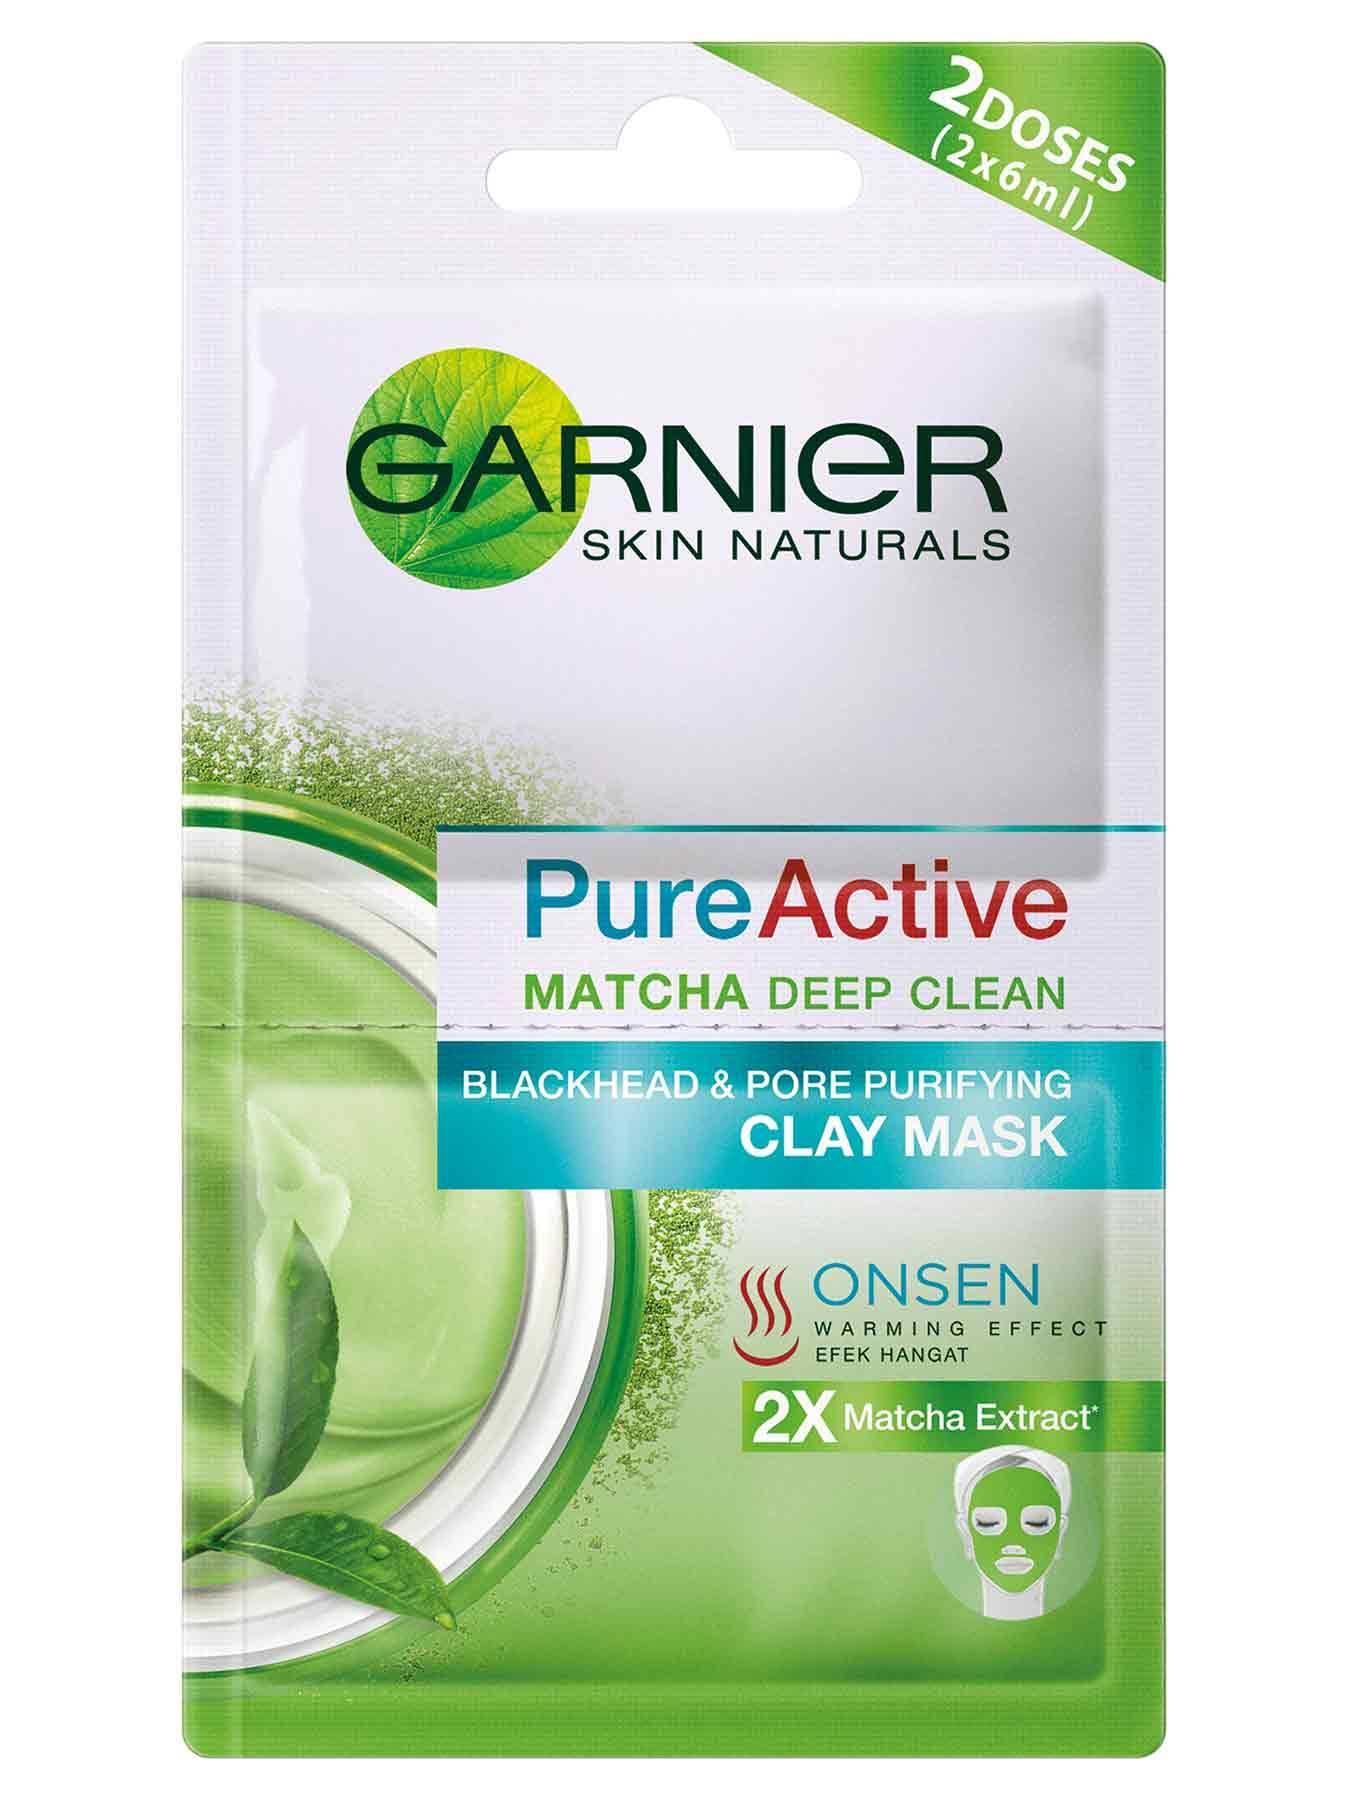 Garnier-Pure-Active-Matcha-Onsen-Clay-Mask